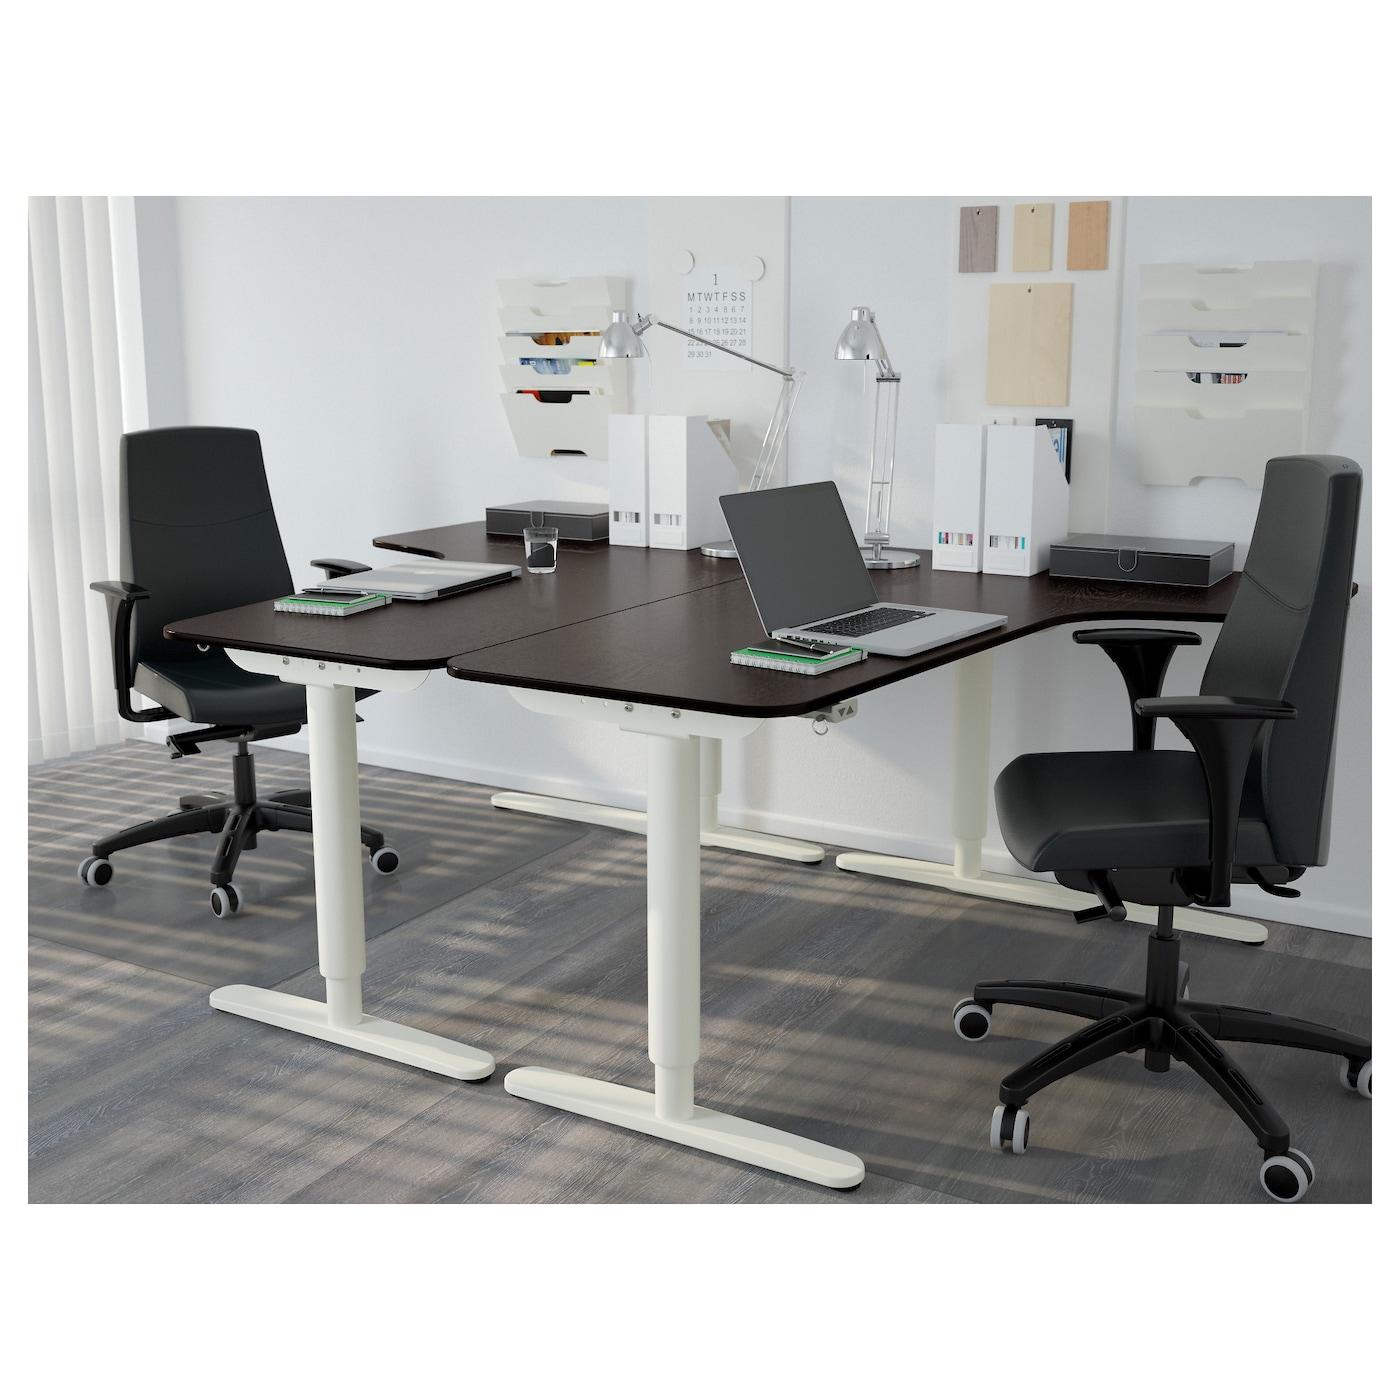 bekant corner desk left black brown white 160 x 110 cm ikea. Black Bedroom Furniture Sets. Home Design Ideas